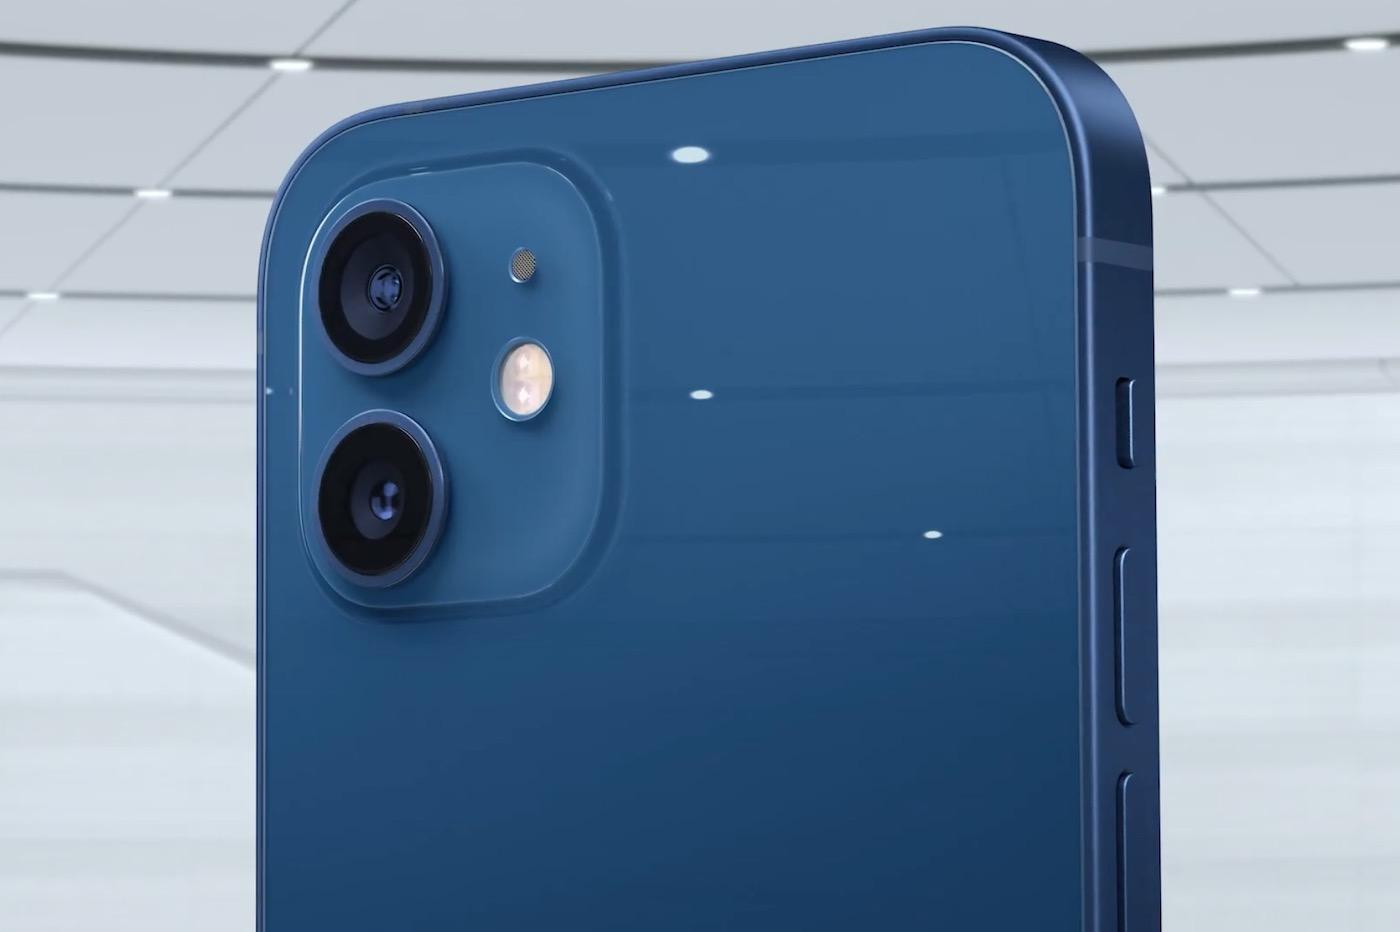 Vous avez reçu votre iPhone 12 ou 12 Pro ? Livrez-nous vos premières impressions !